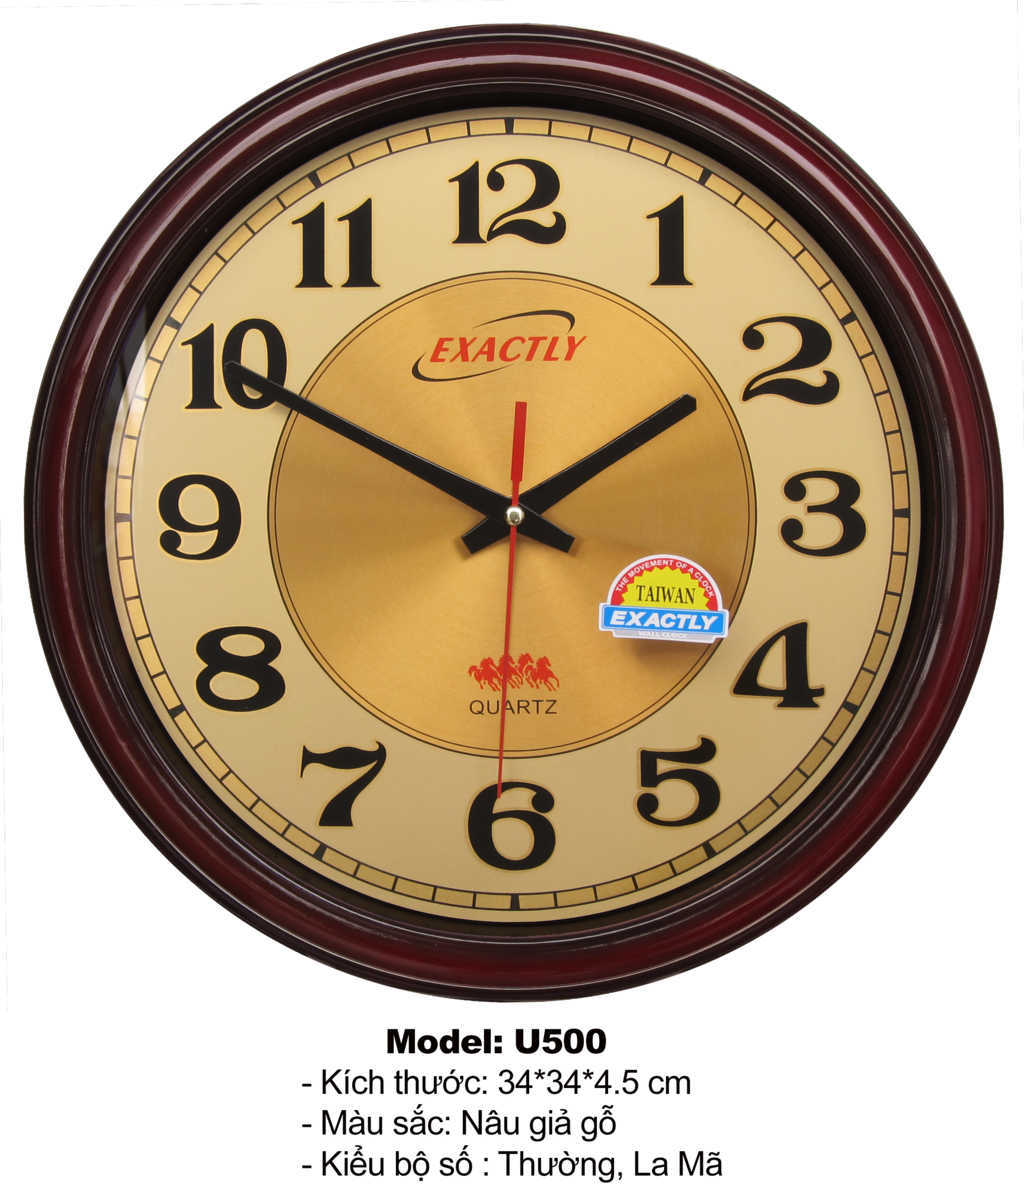 Đồng hồ treo tường U500 | đồng hồ sang trọng giá rẻ